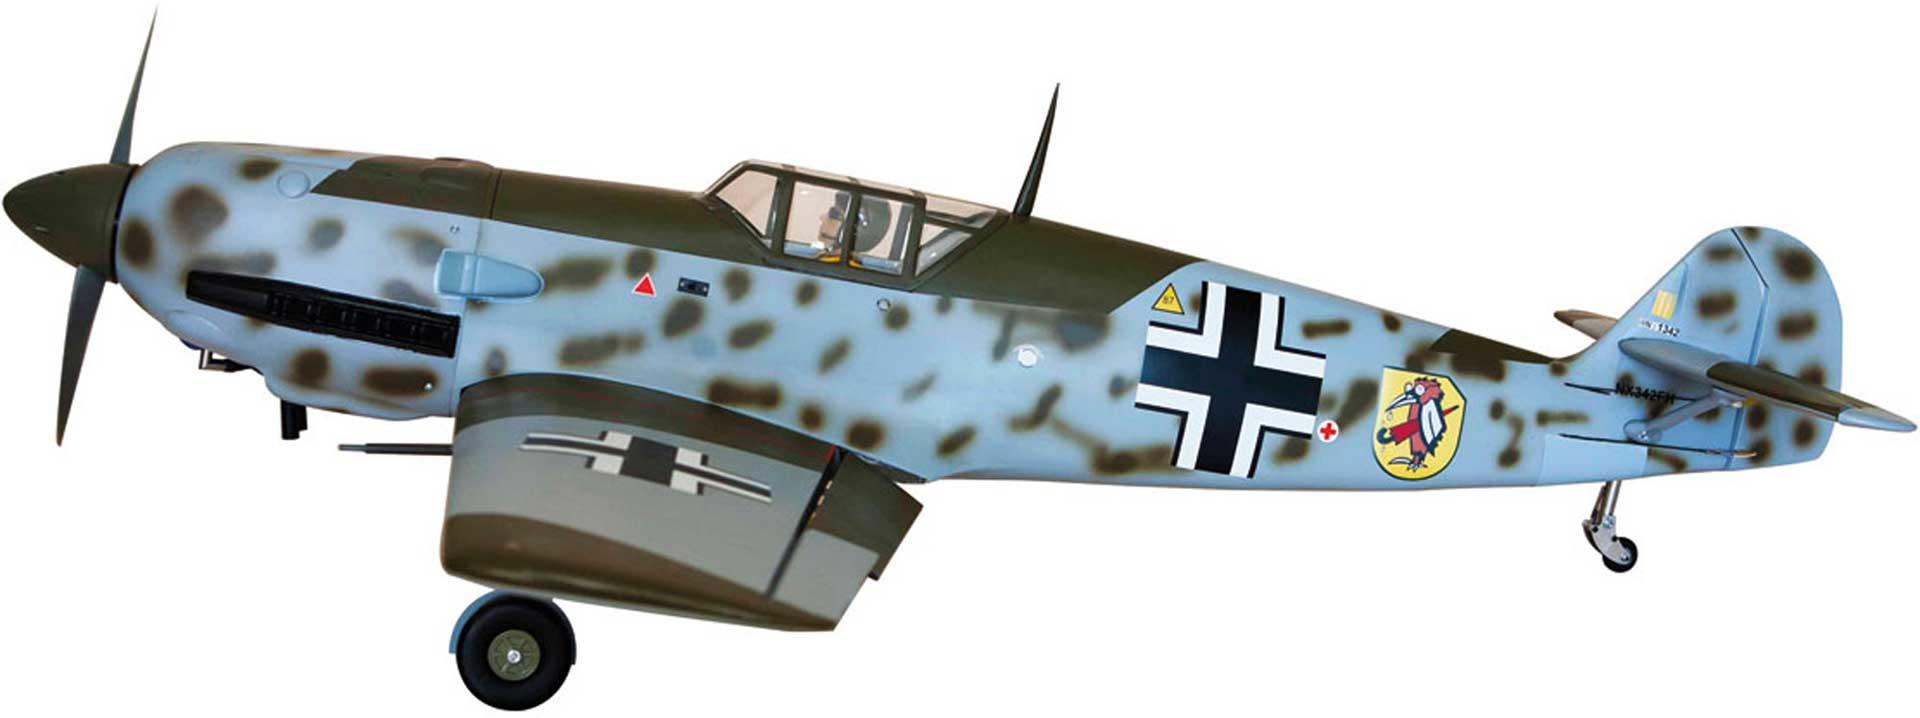 SG-MODELS MESSERSCHMITT BF-109 (ME-109) ARF WARBIRD MIT MECHANISCHEM EINZIEHFAHRWERK